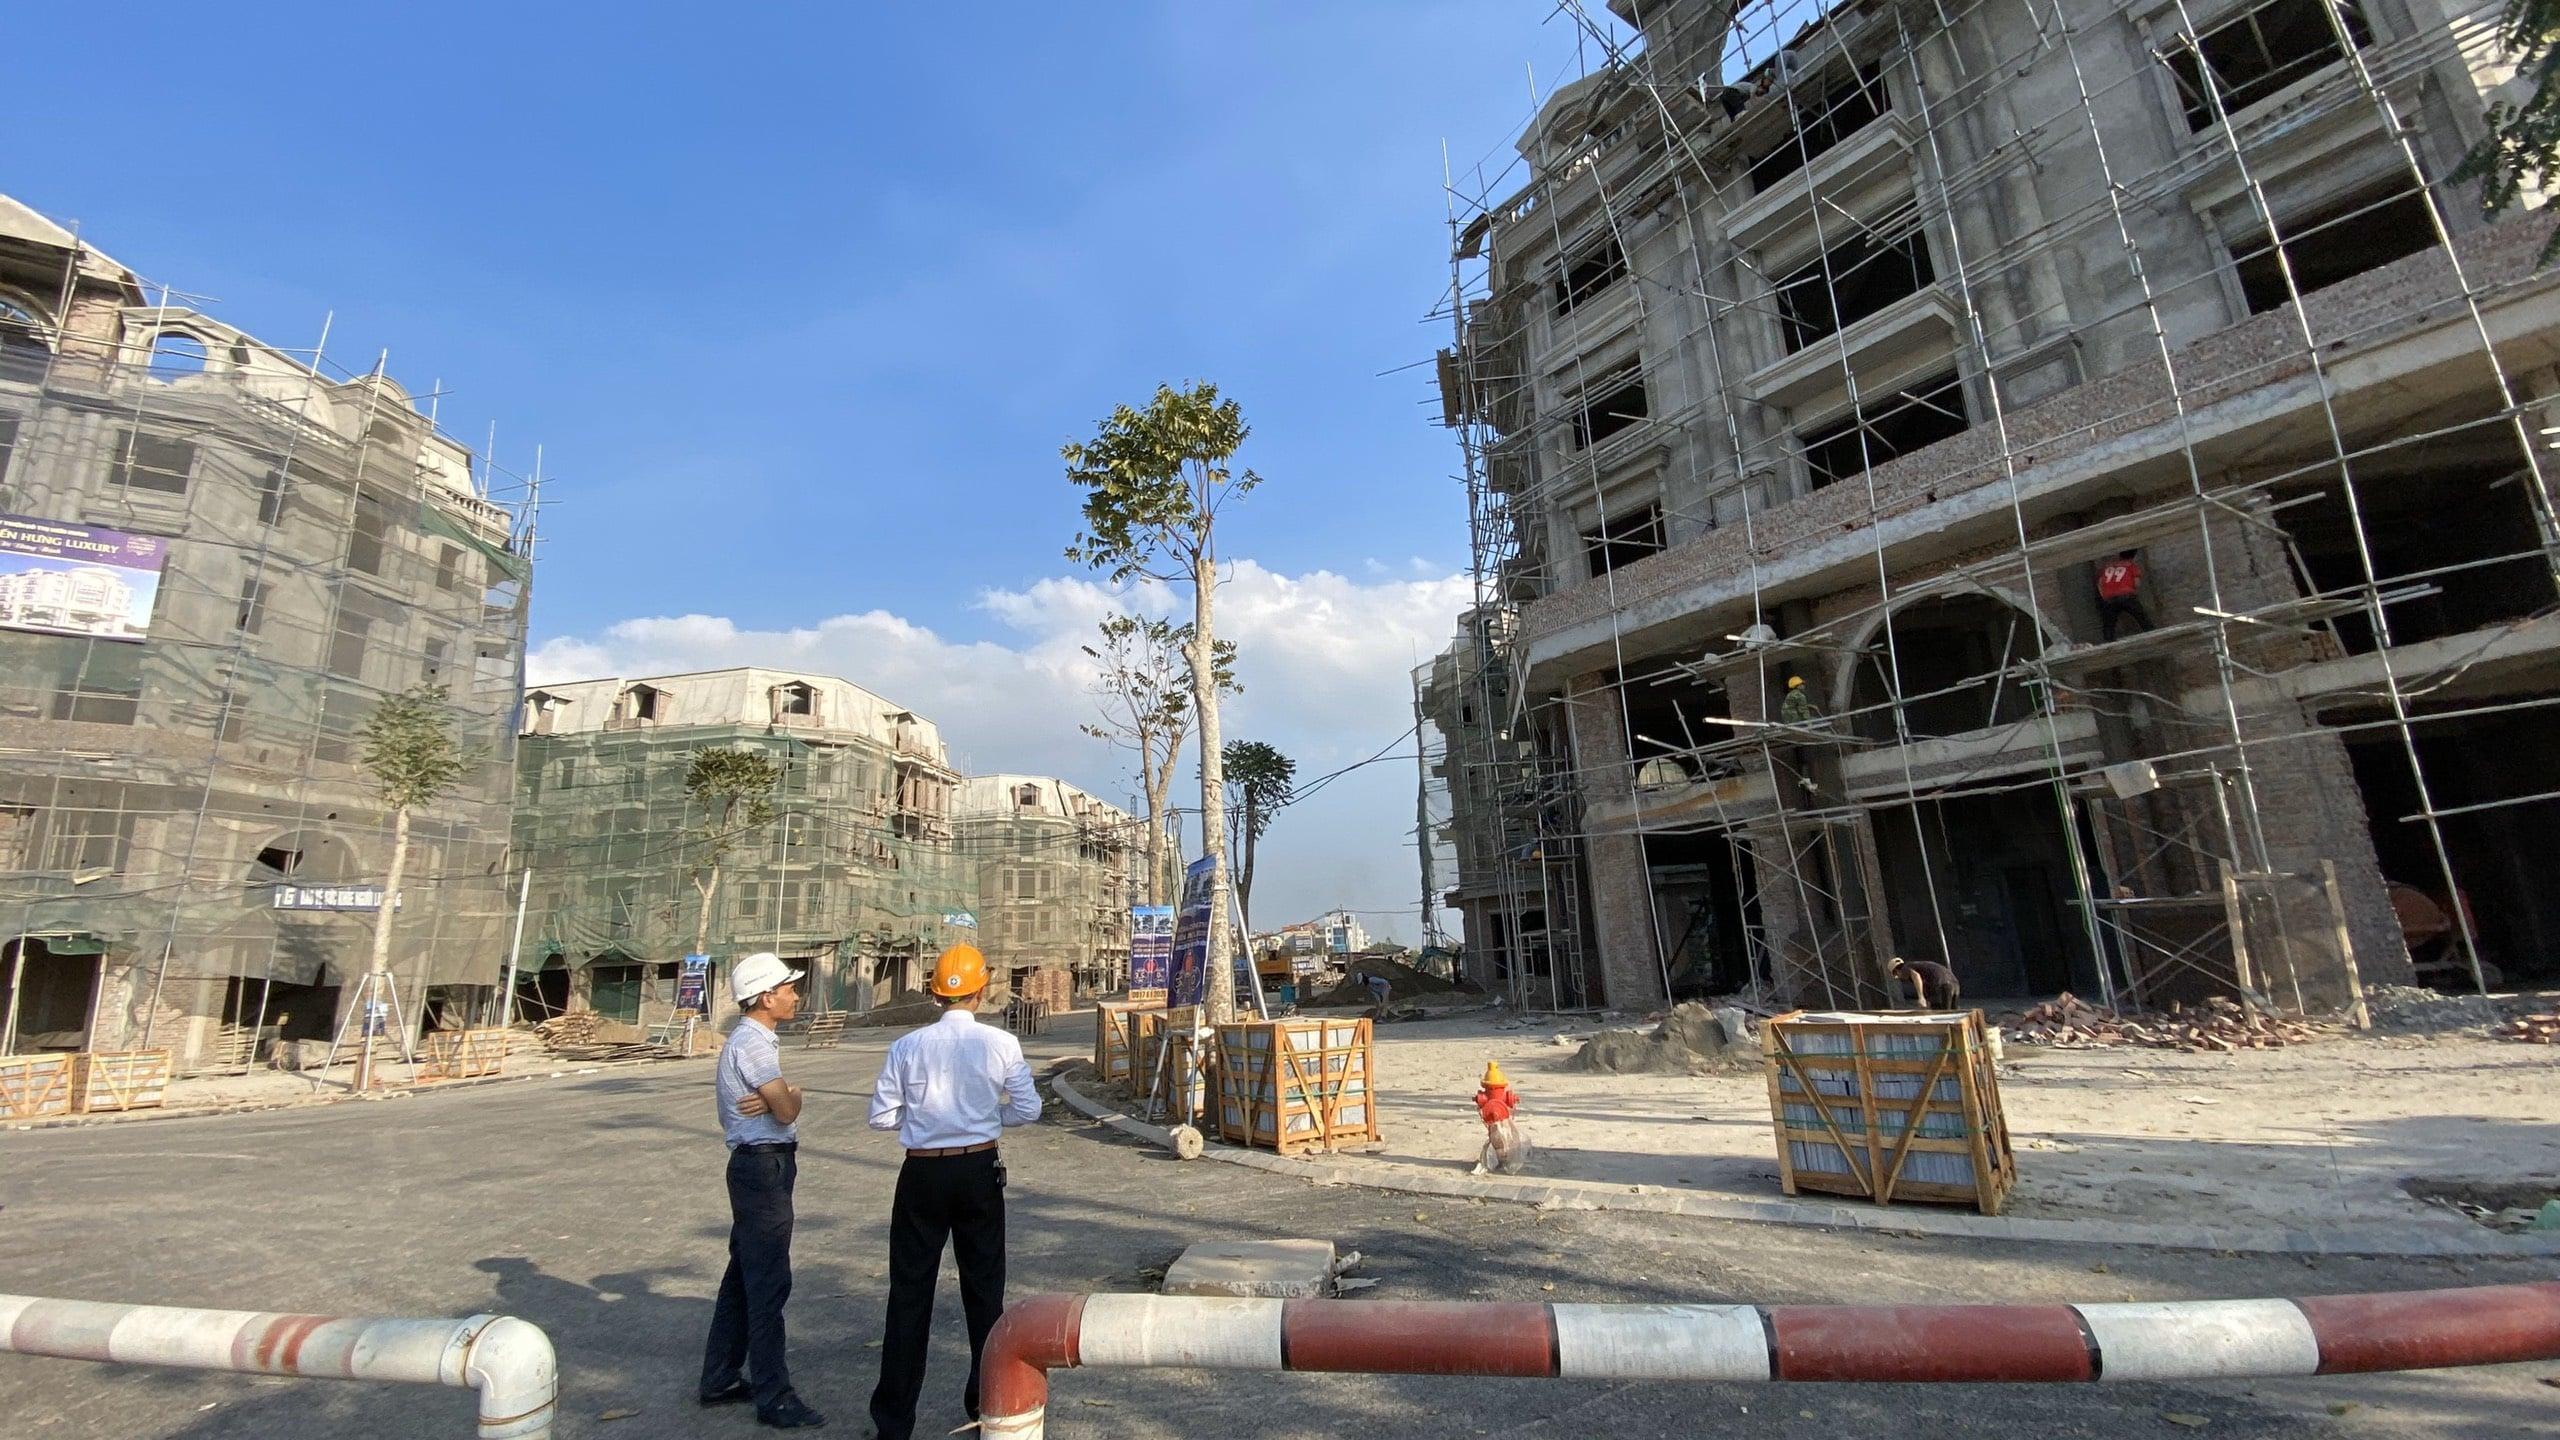 Tiến độ xây dựng nhà phố Kiến Hưng Luxury hoàn thiện đến 95% hạng mục công việc chính